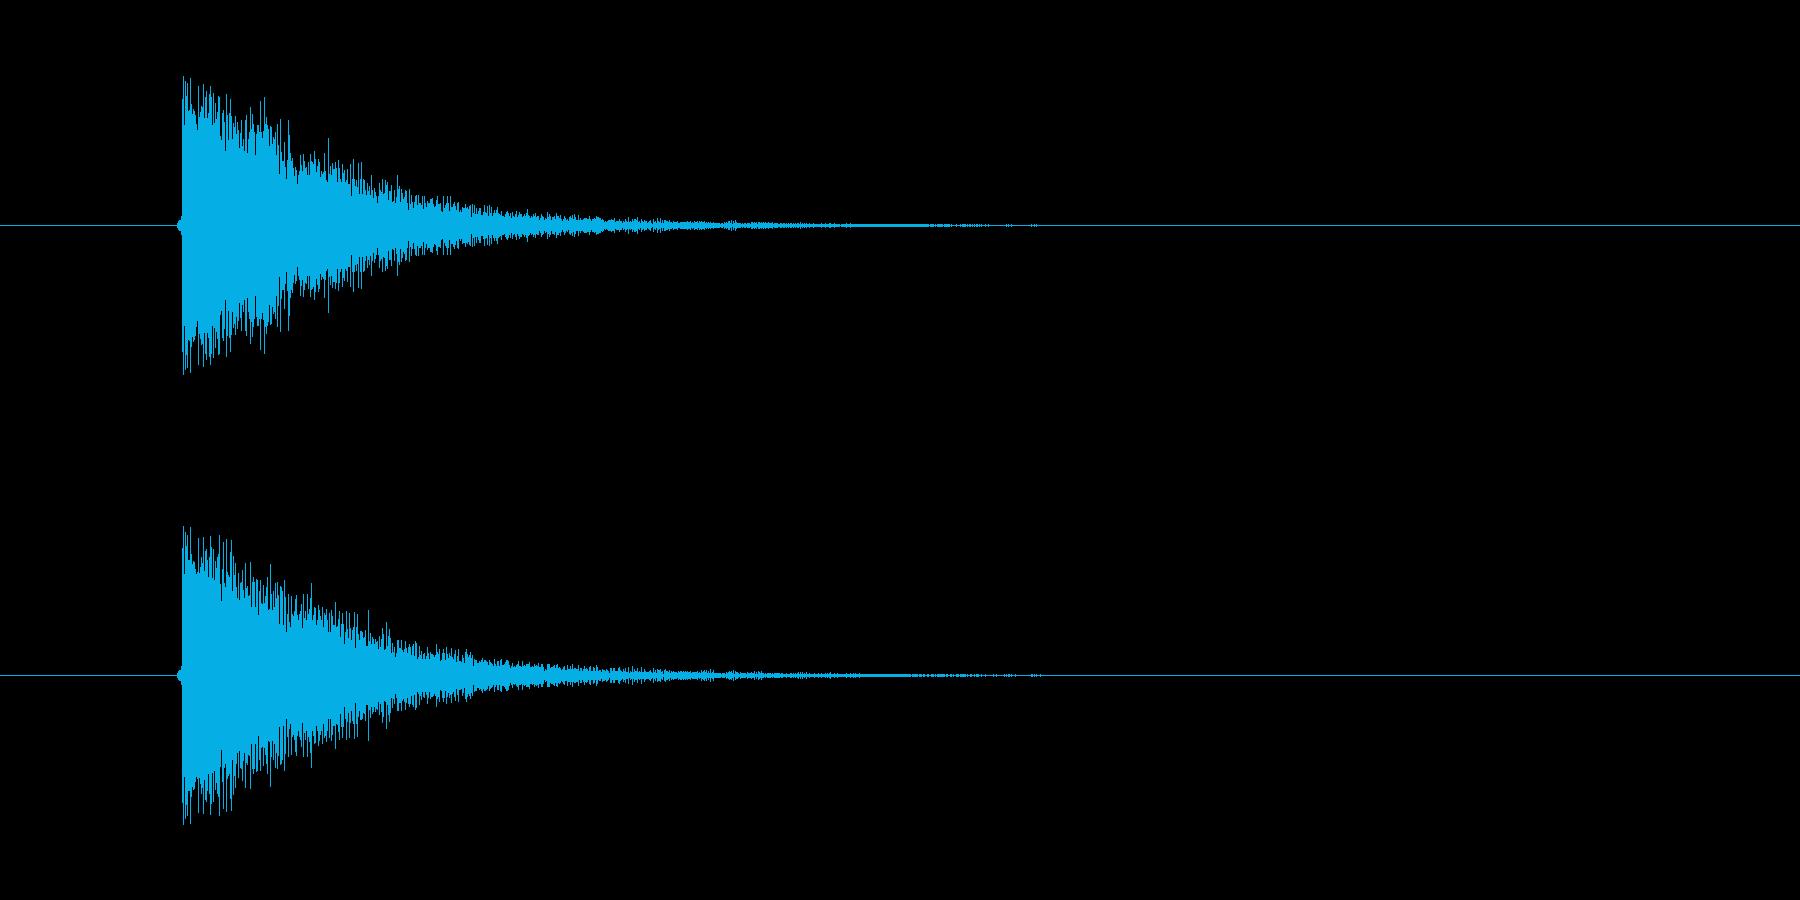 ぴきゅーん! ビーム光線の効果音です。の再生済みの波形